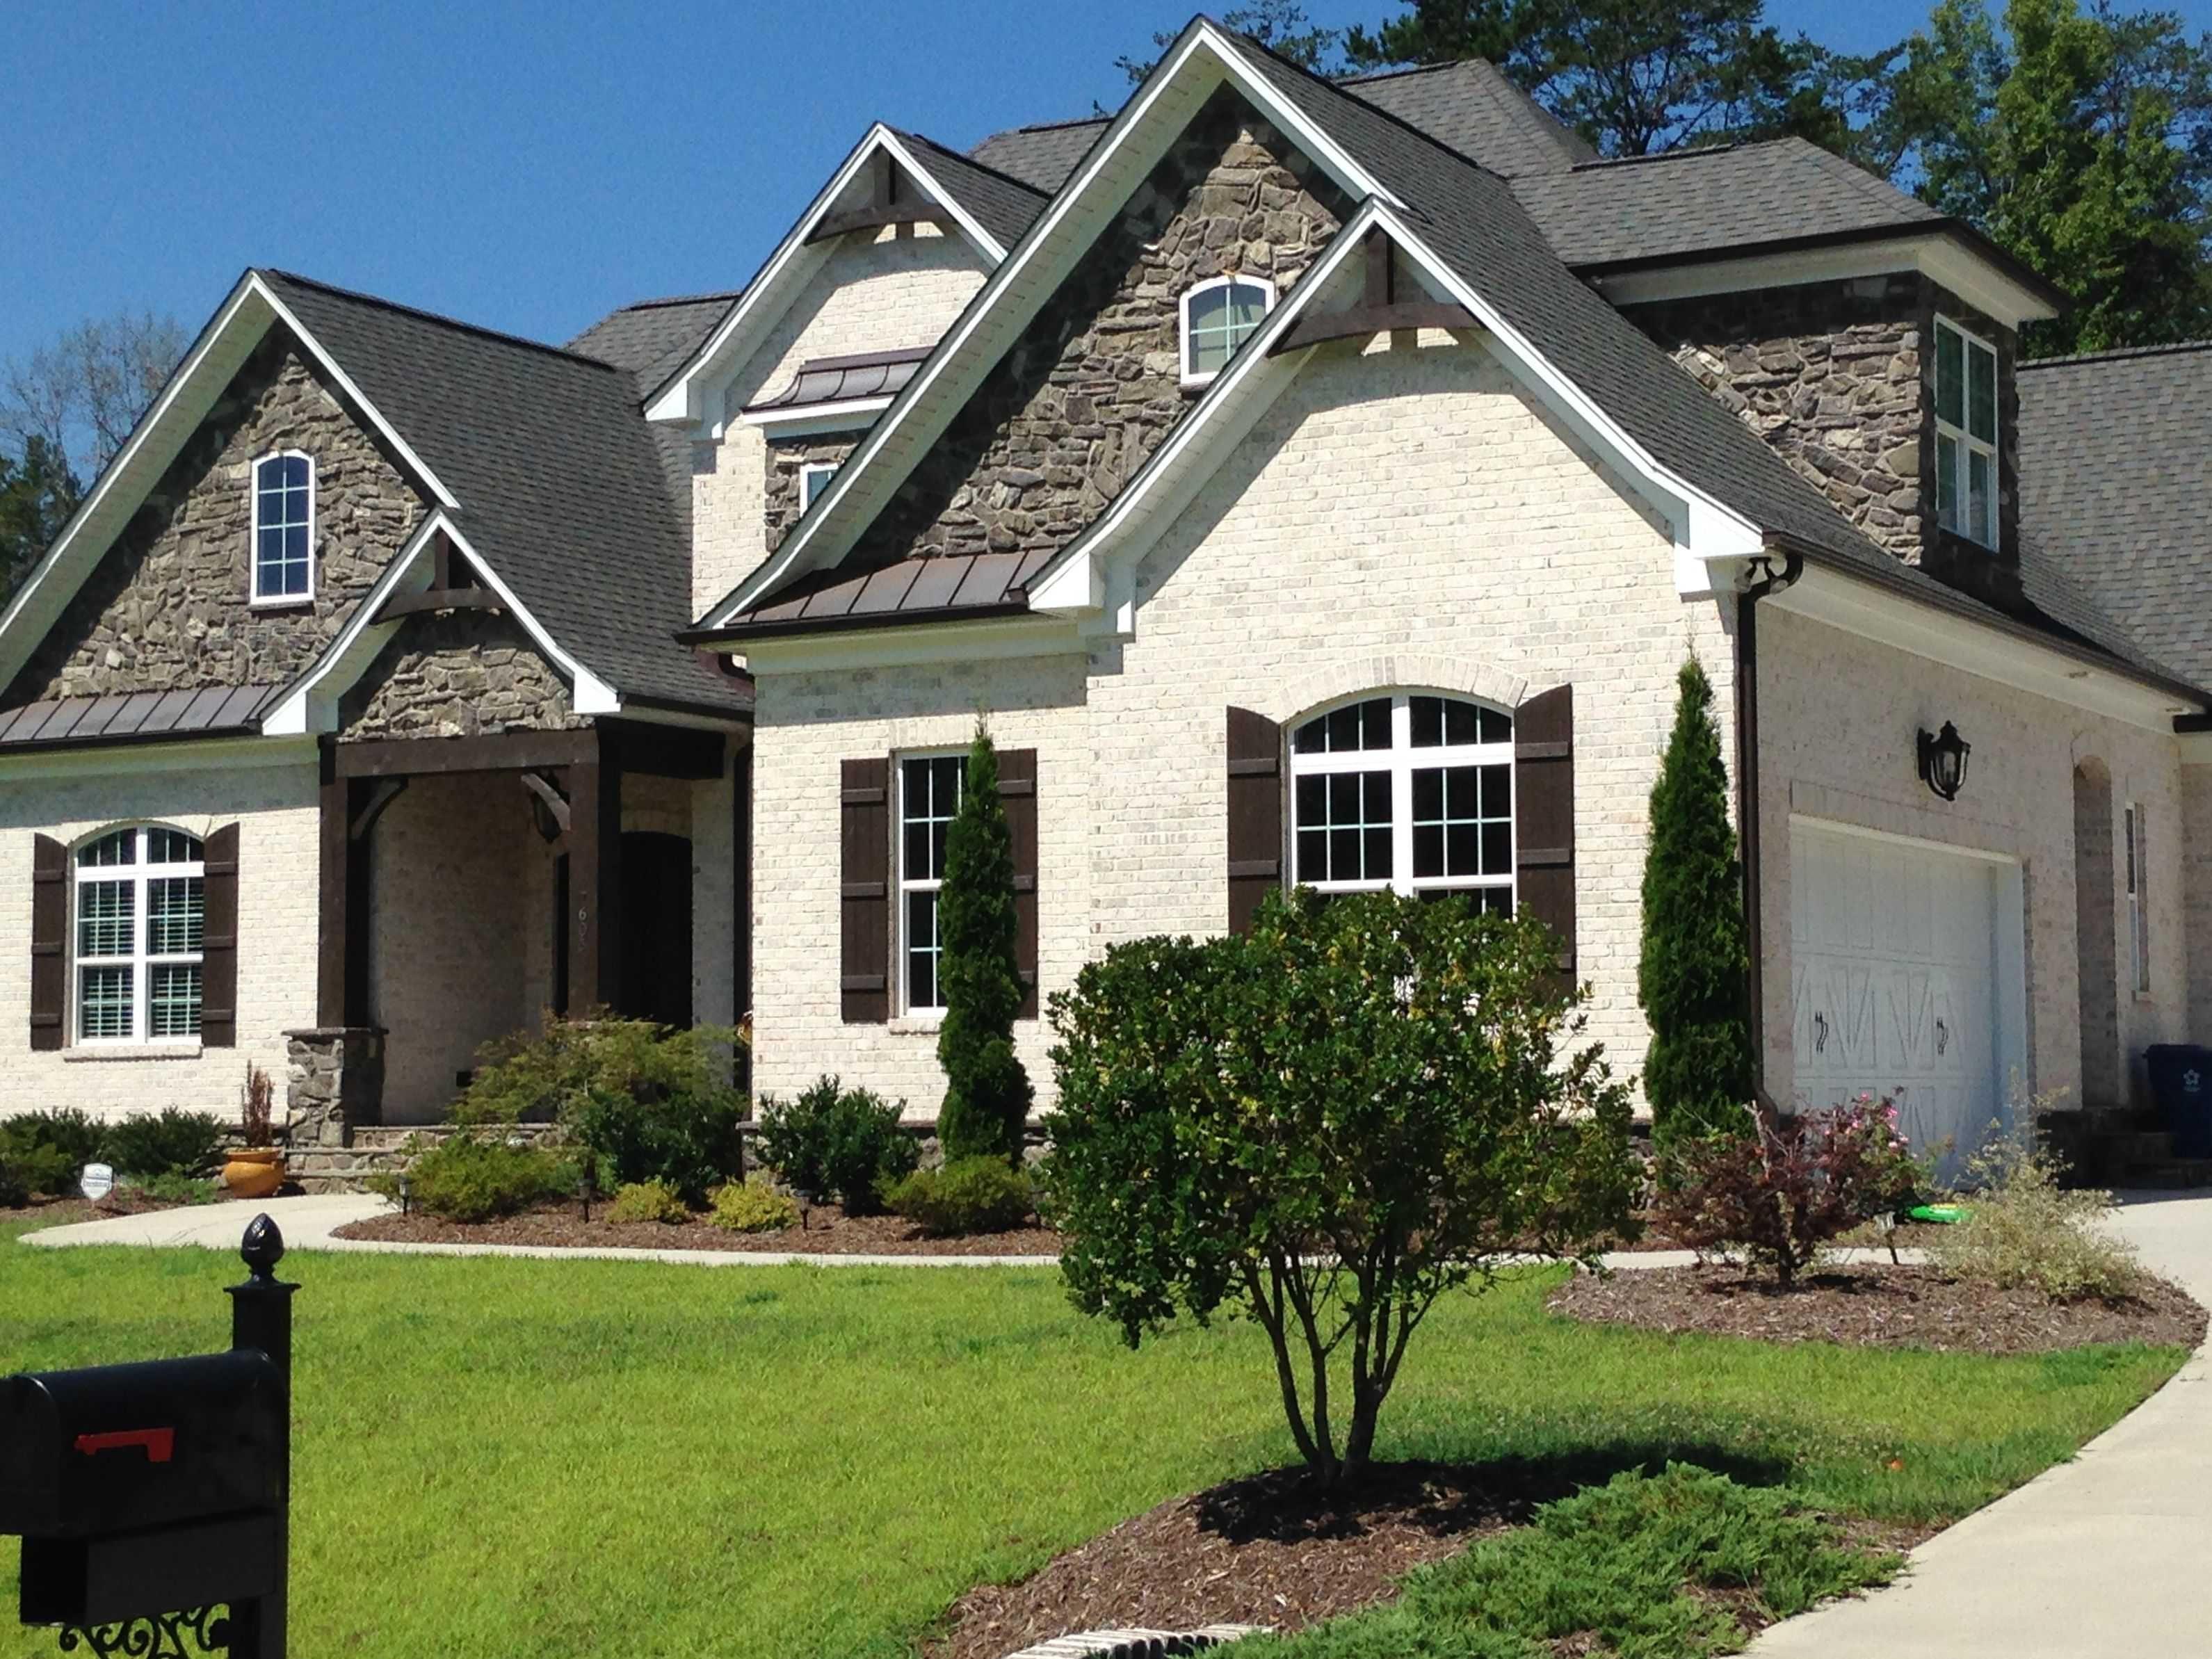 White Craftsman House With Brick Fresh White Brick Options Chesapeake Pearl Here With Gray Roof Stone Brick Exterior House White Brick Houses Exterior Brick